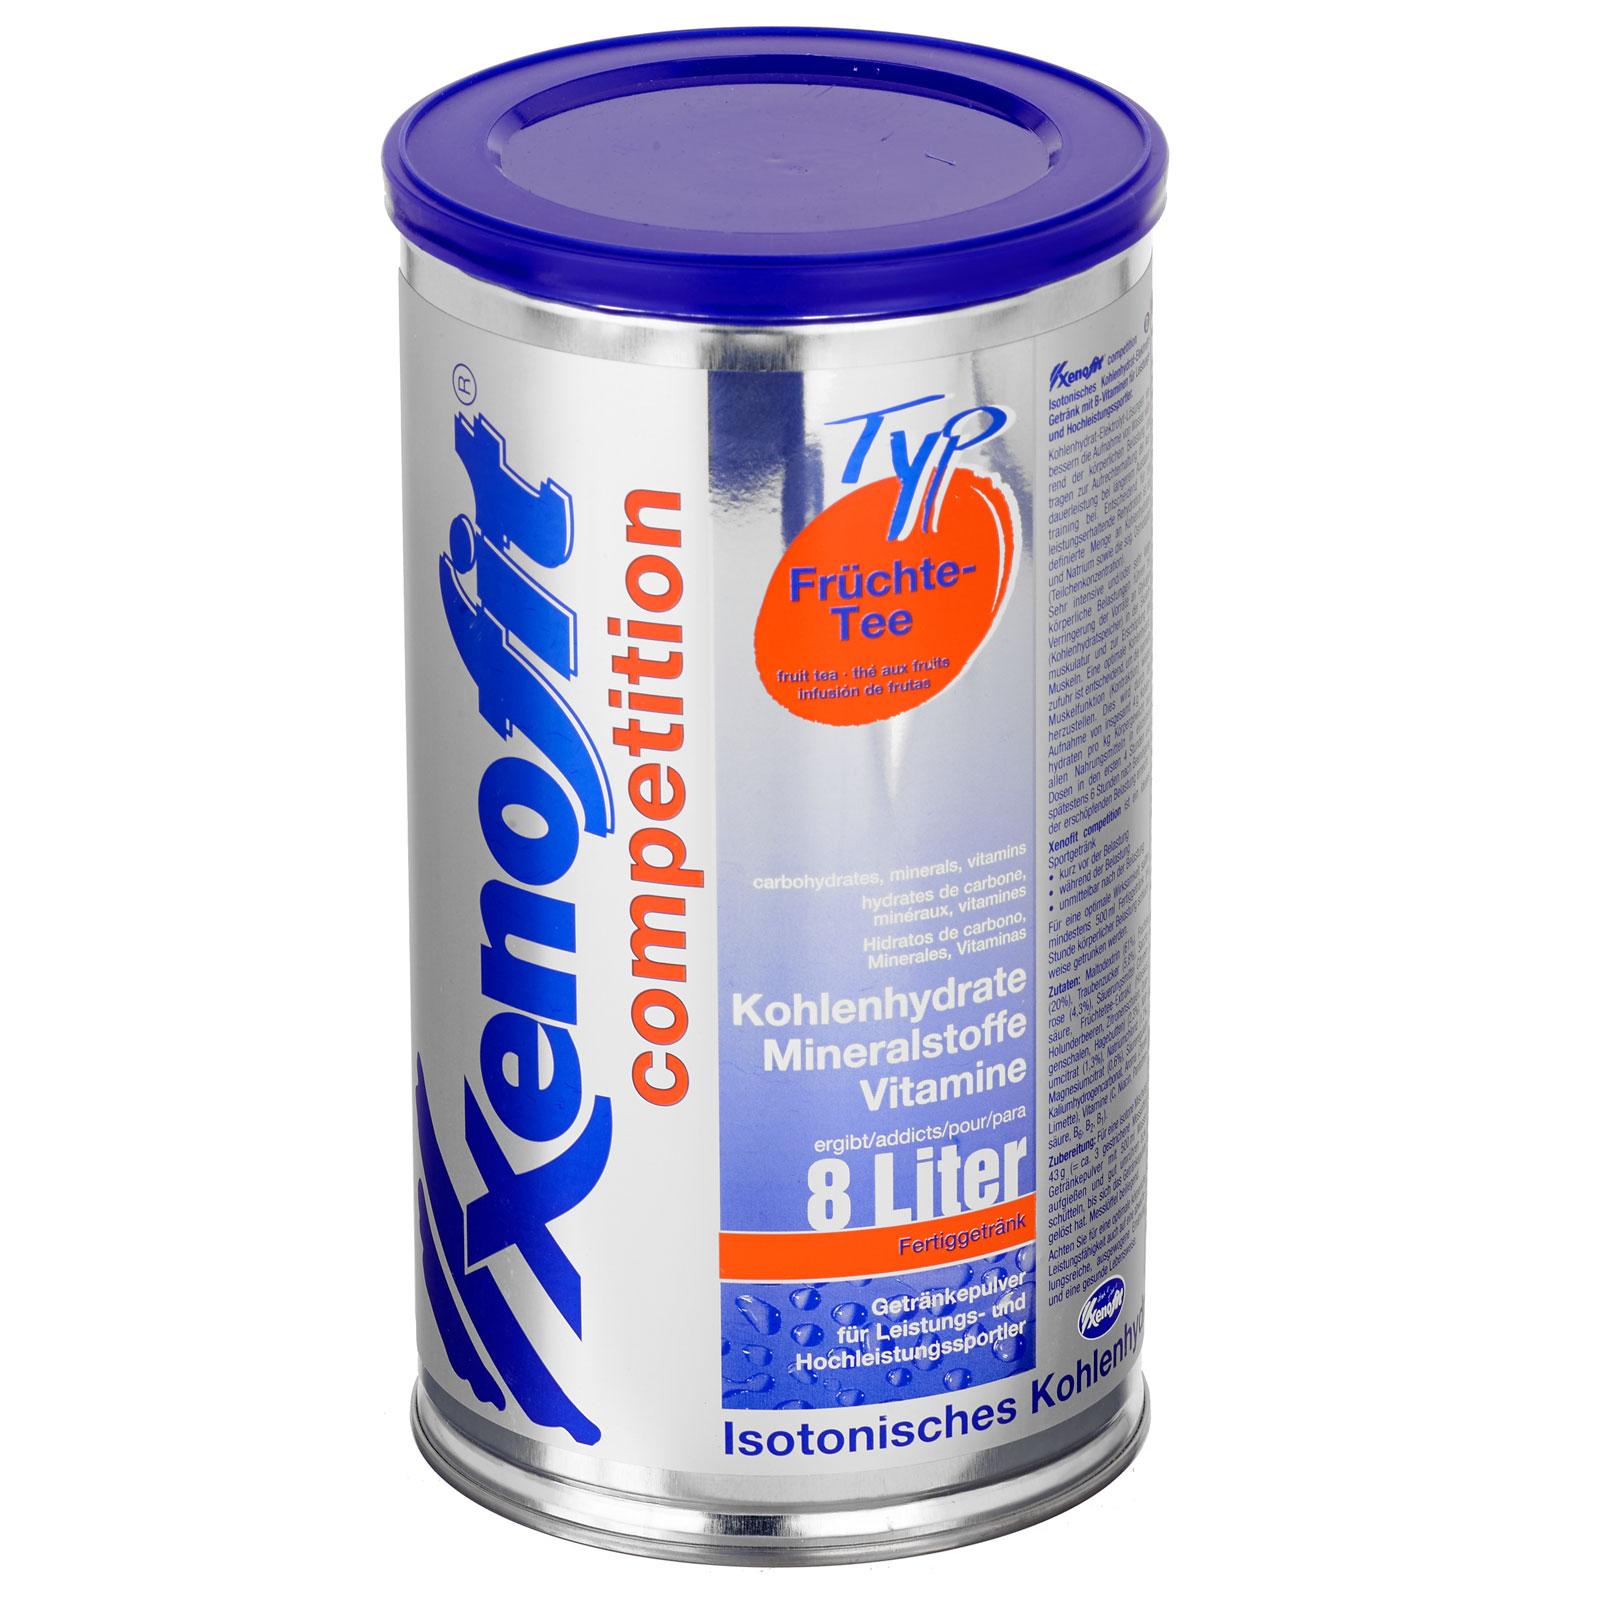 Xenofit Competition Früchte-Tee - Isotonisches Kohlenhydrat-Getränk - 688g